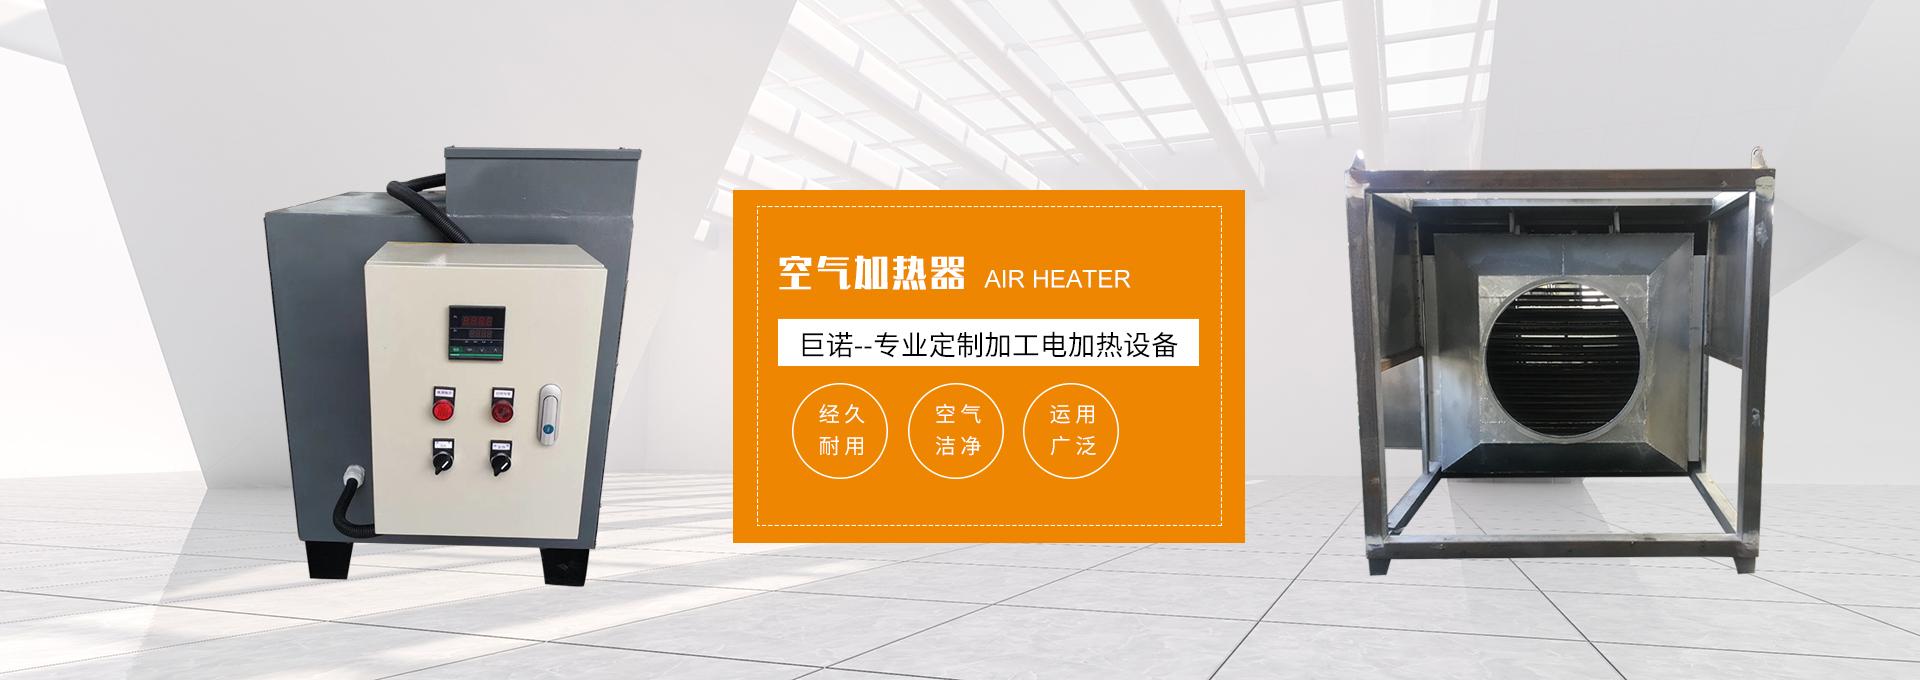 防爆管道加热器